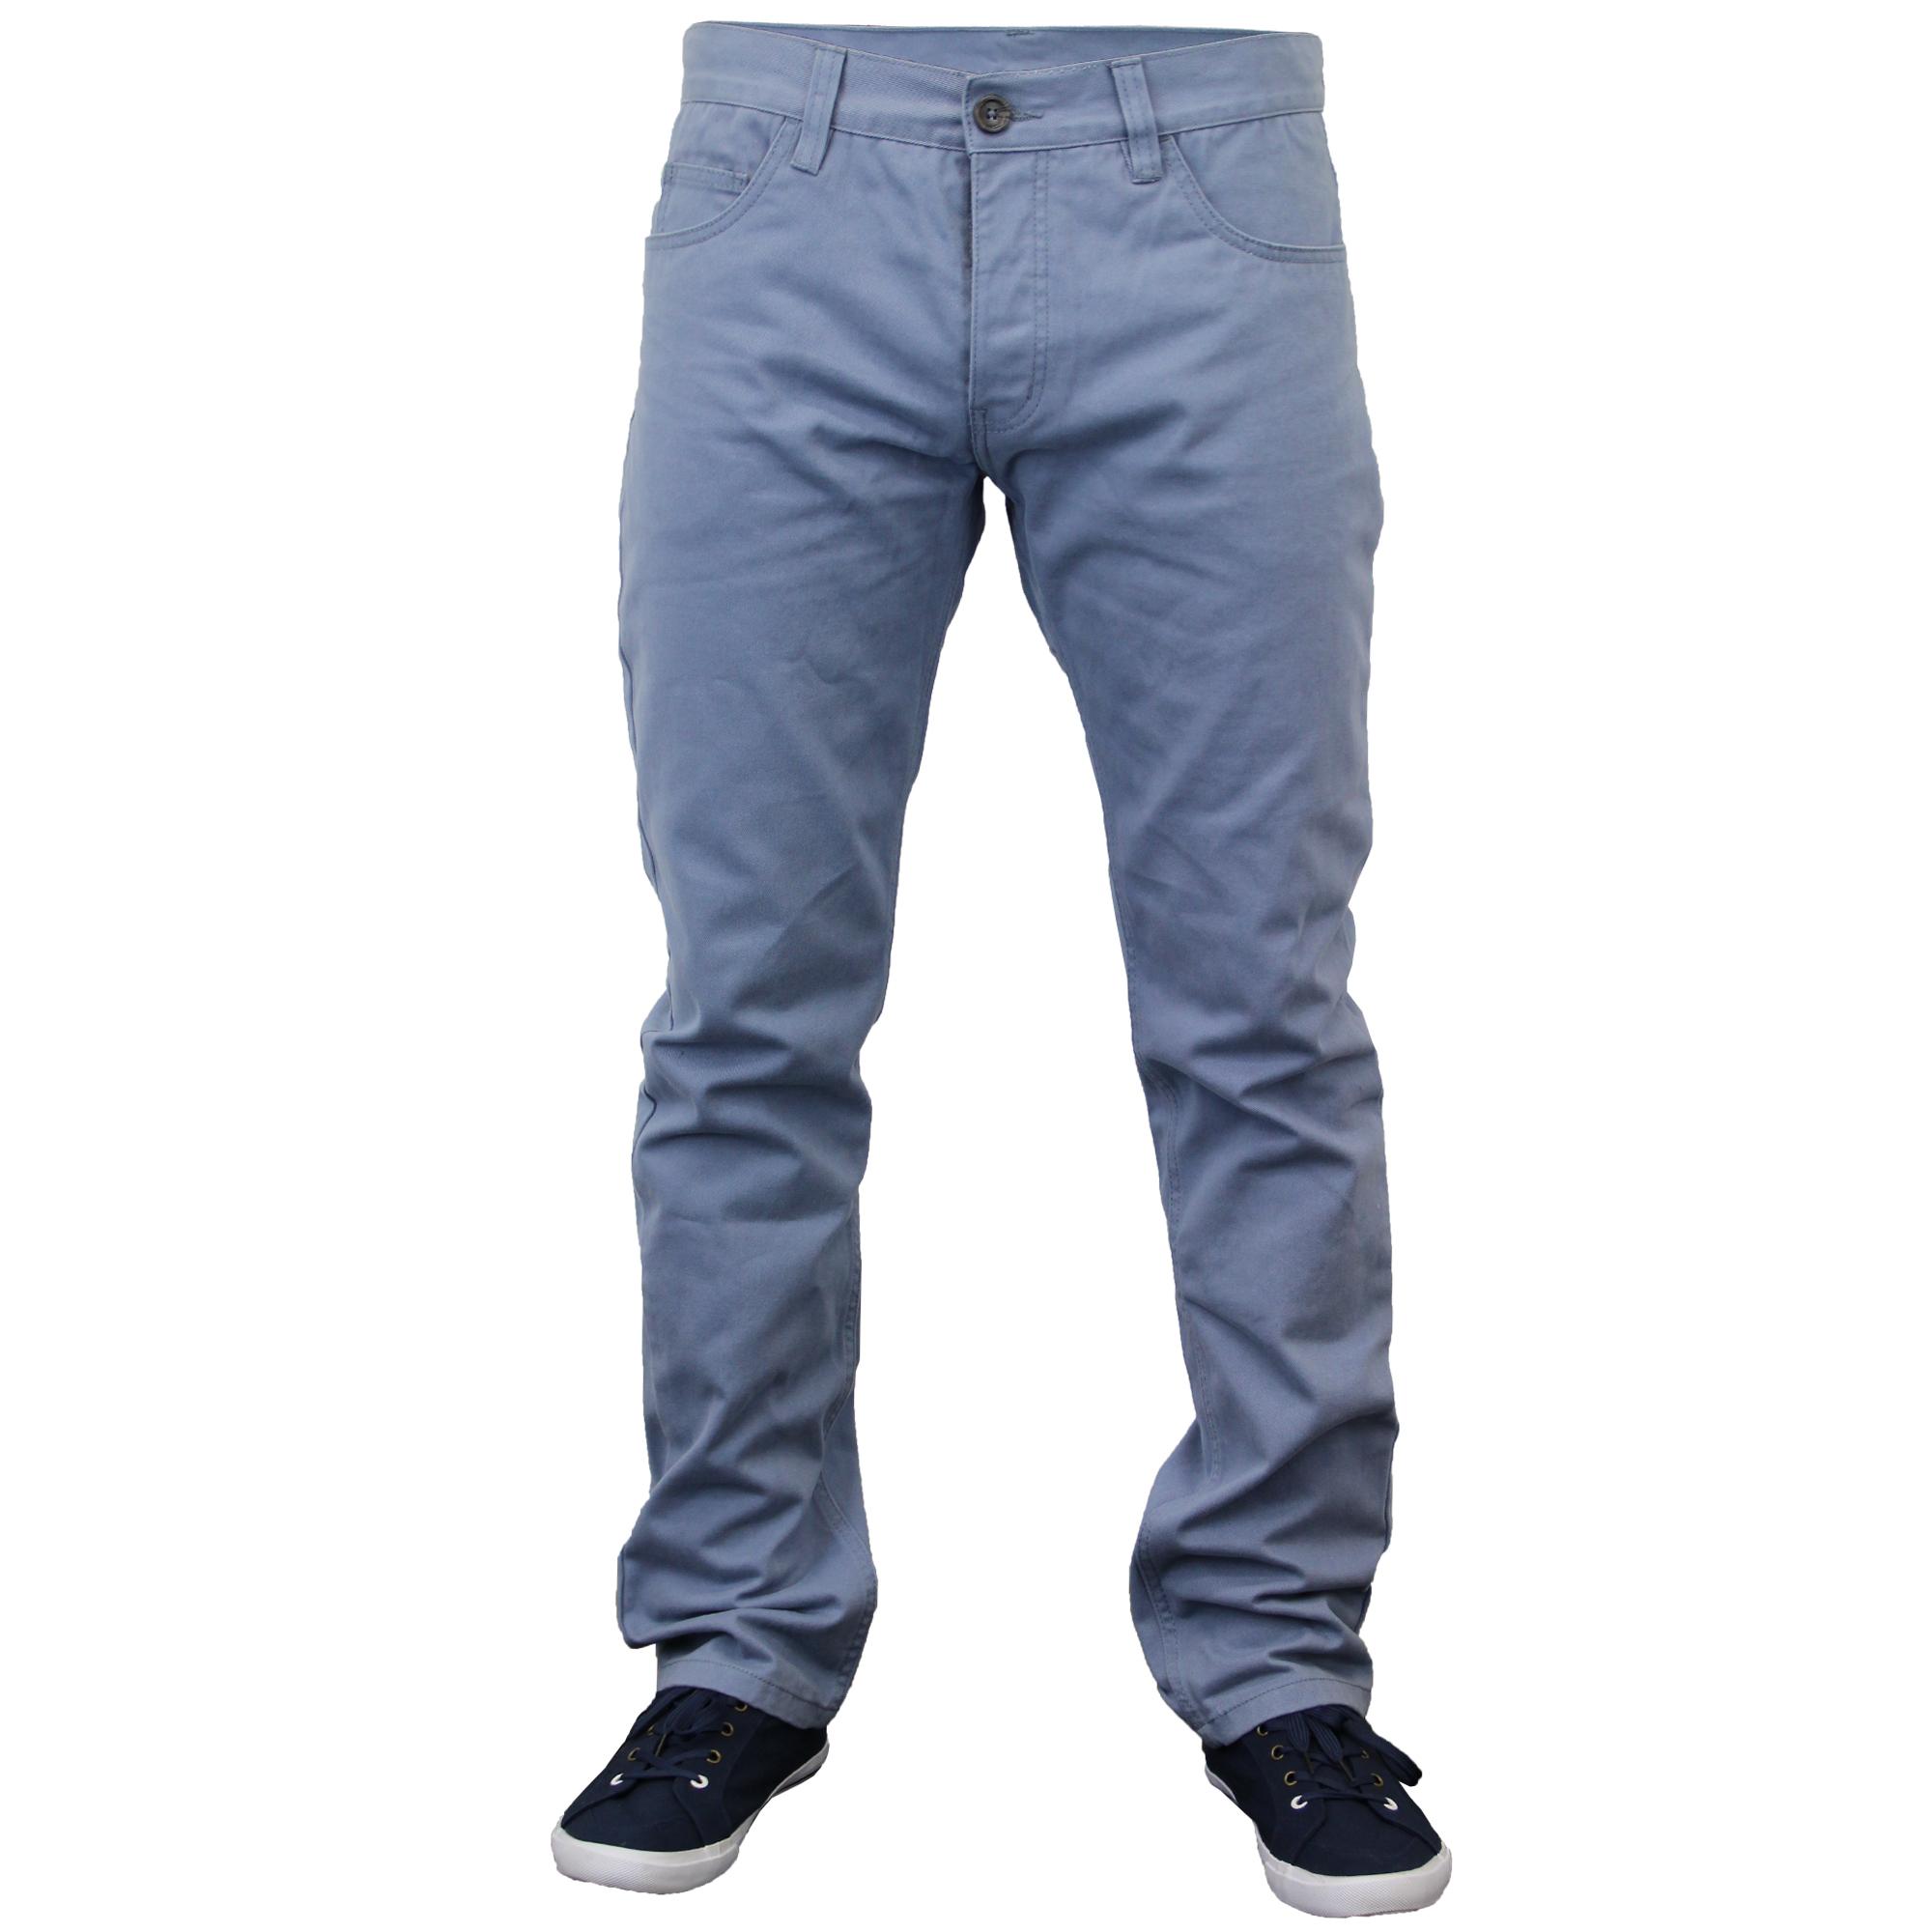 Chino Jeans mens-chino-jeans-jack-south-kushiro-city-denim- BGASIPS